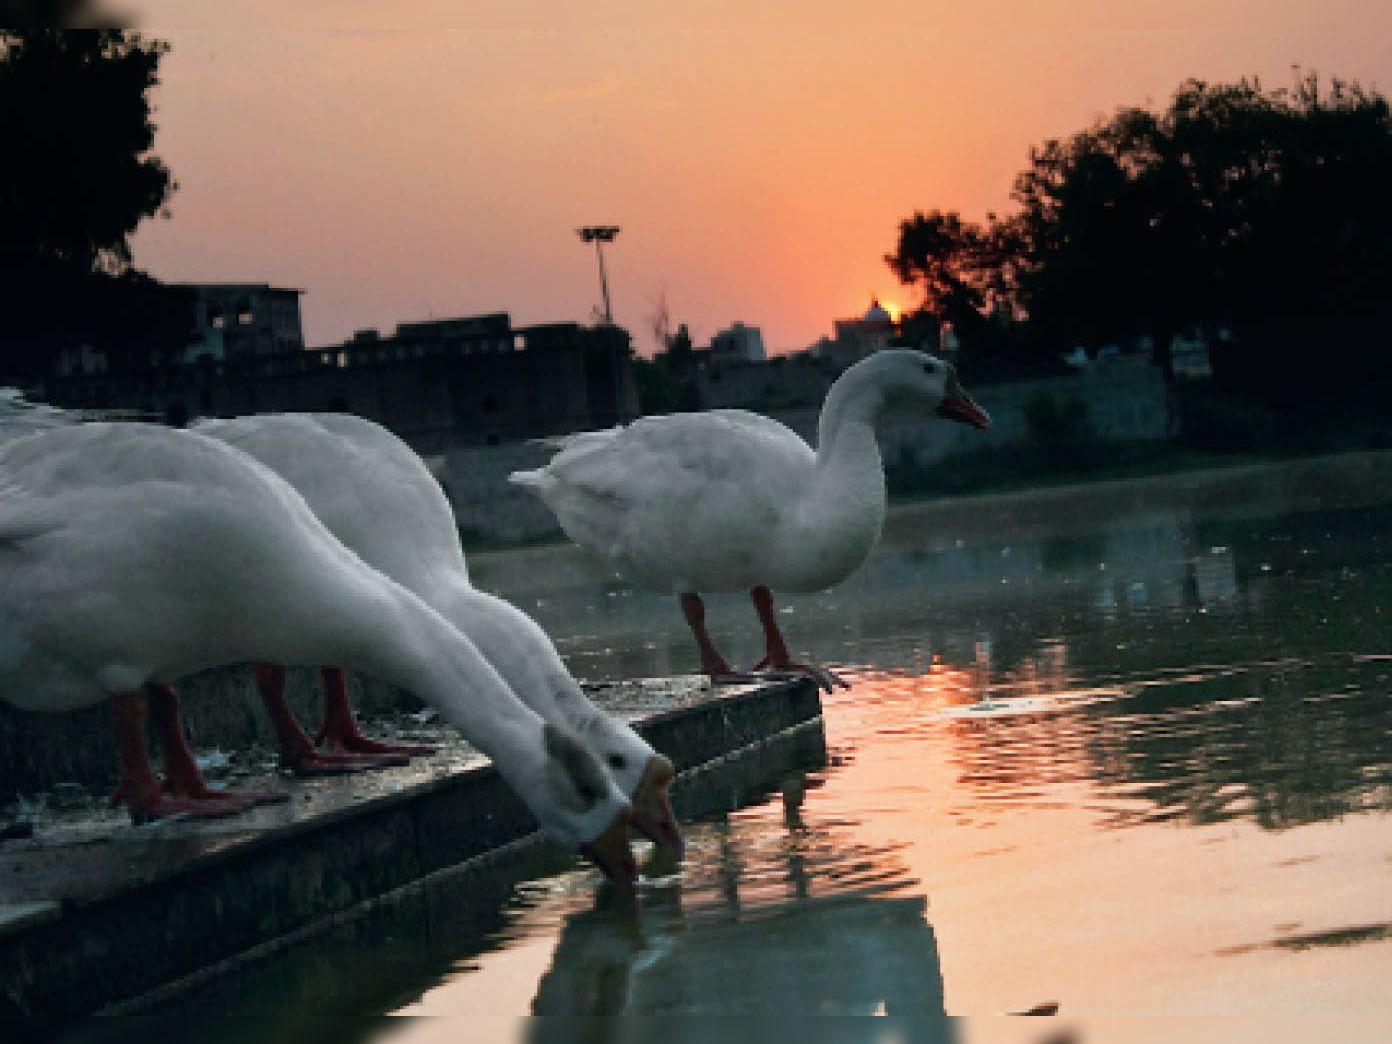 कैथल| गर्मी से परेशान बतखें विदक्यार झील में पानी पीती हुईं। फोटो-जसविंदर जस्सी - Dainik Bhaskar